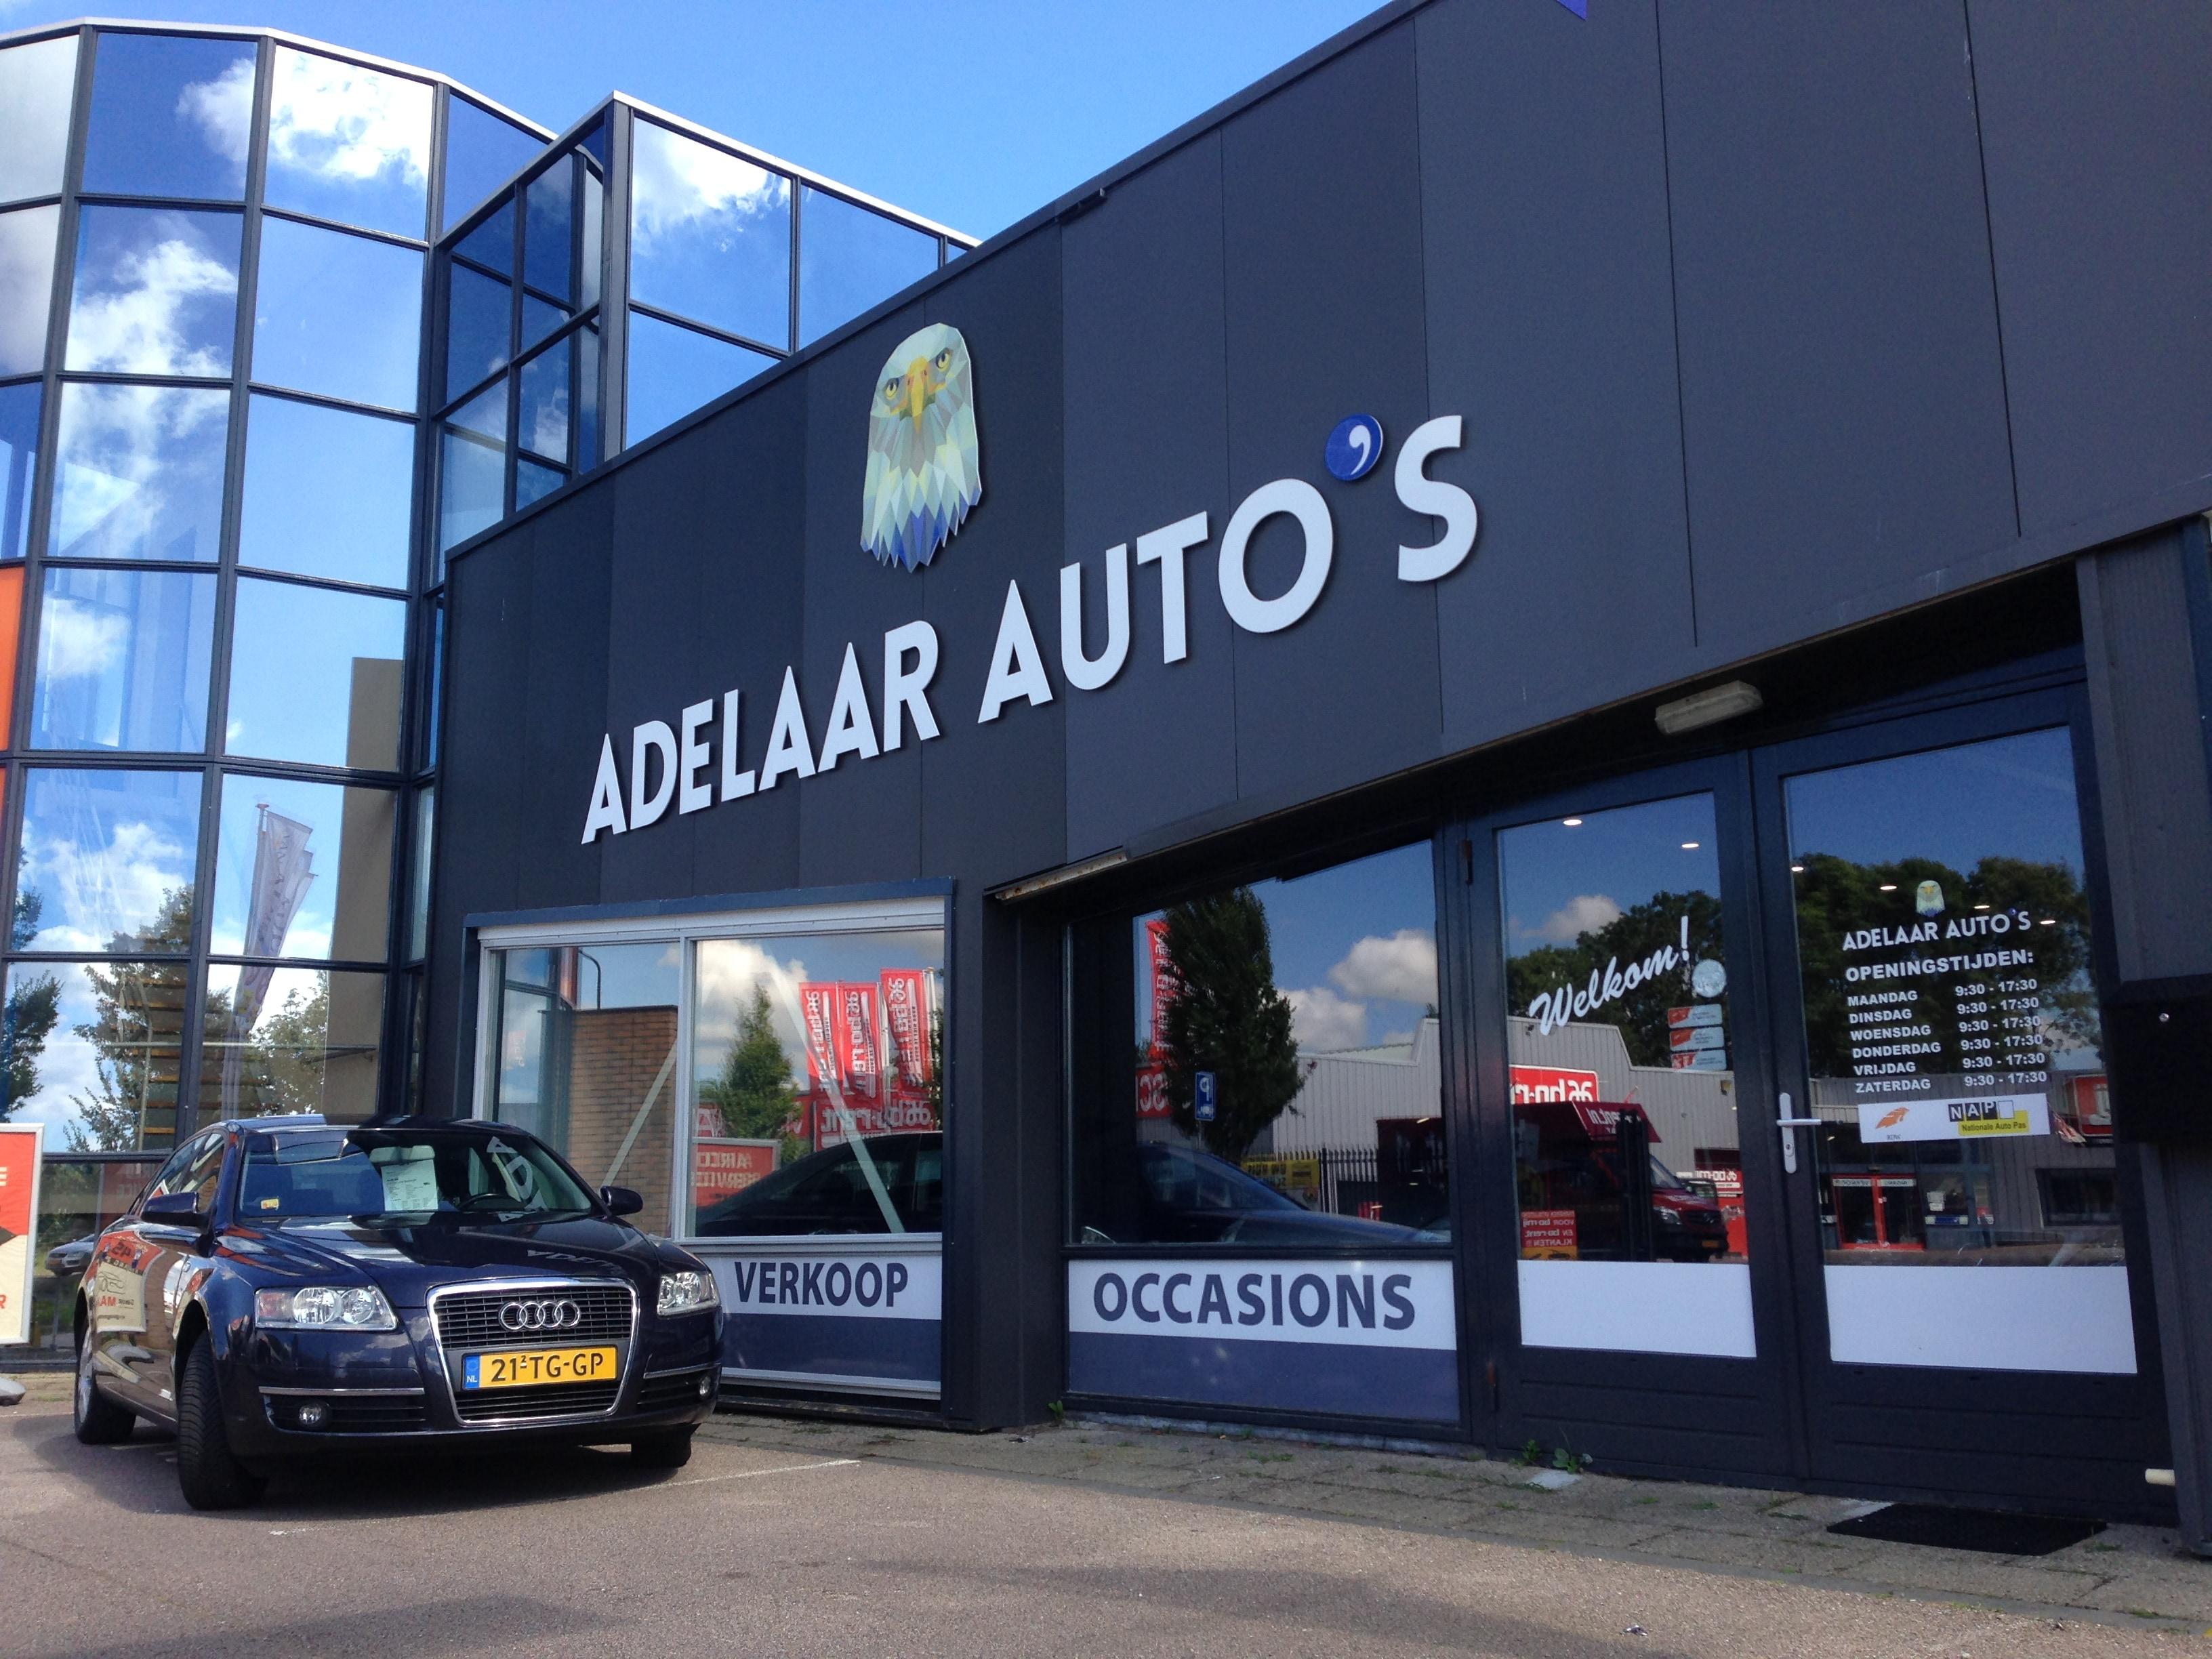 Adelaar Auto's